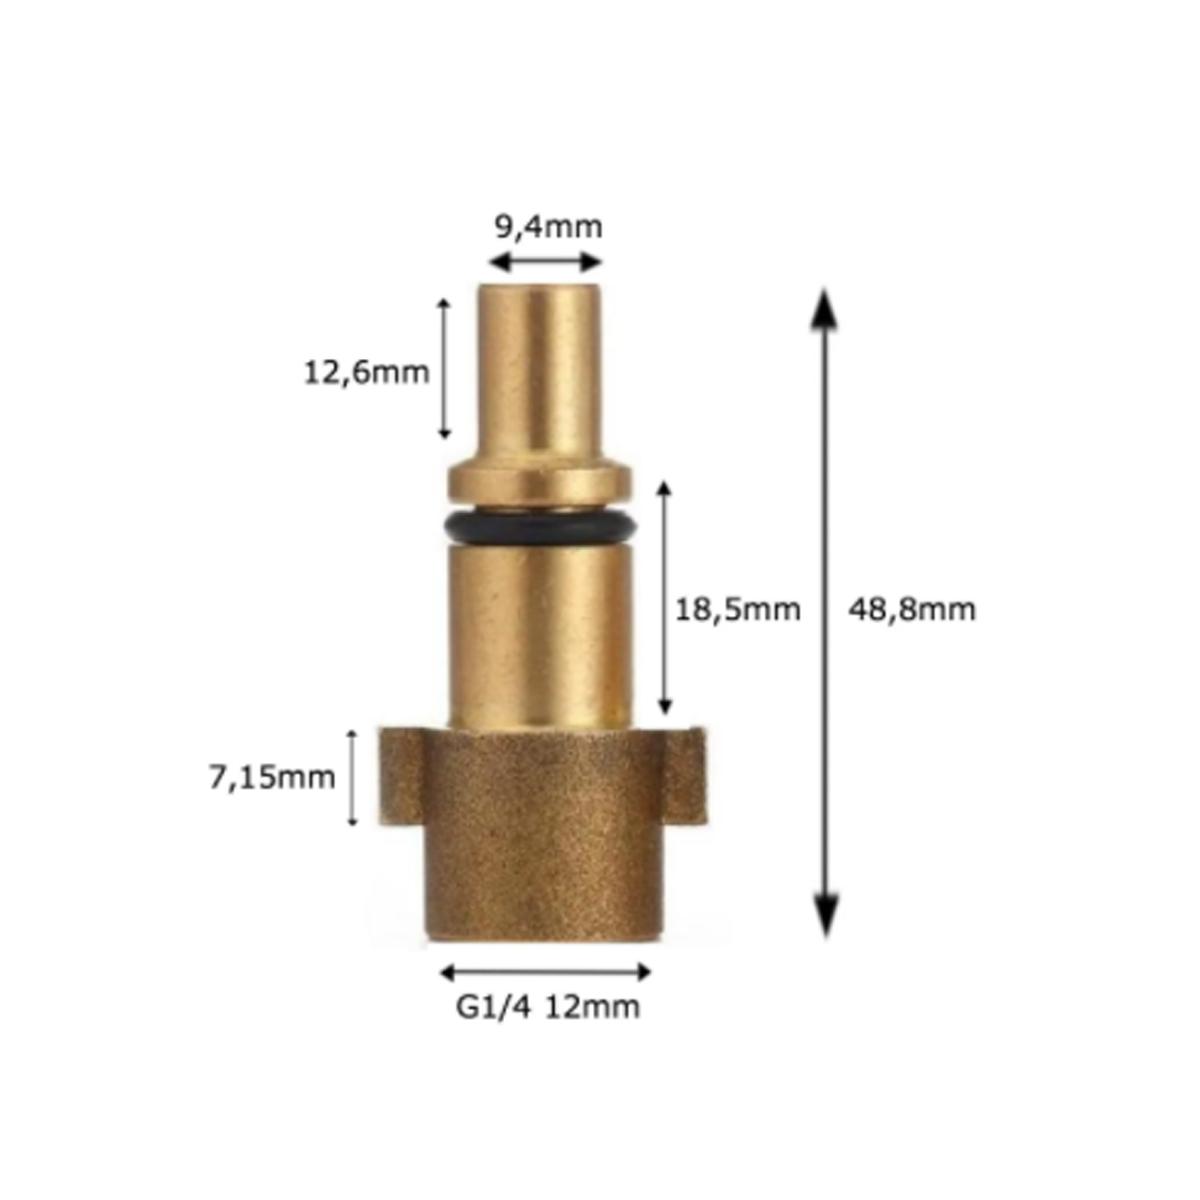 Canhão De Espuma Snow Foam 1L Brinde Conector Wap Rosca 1/4